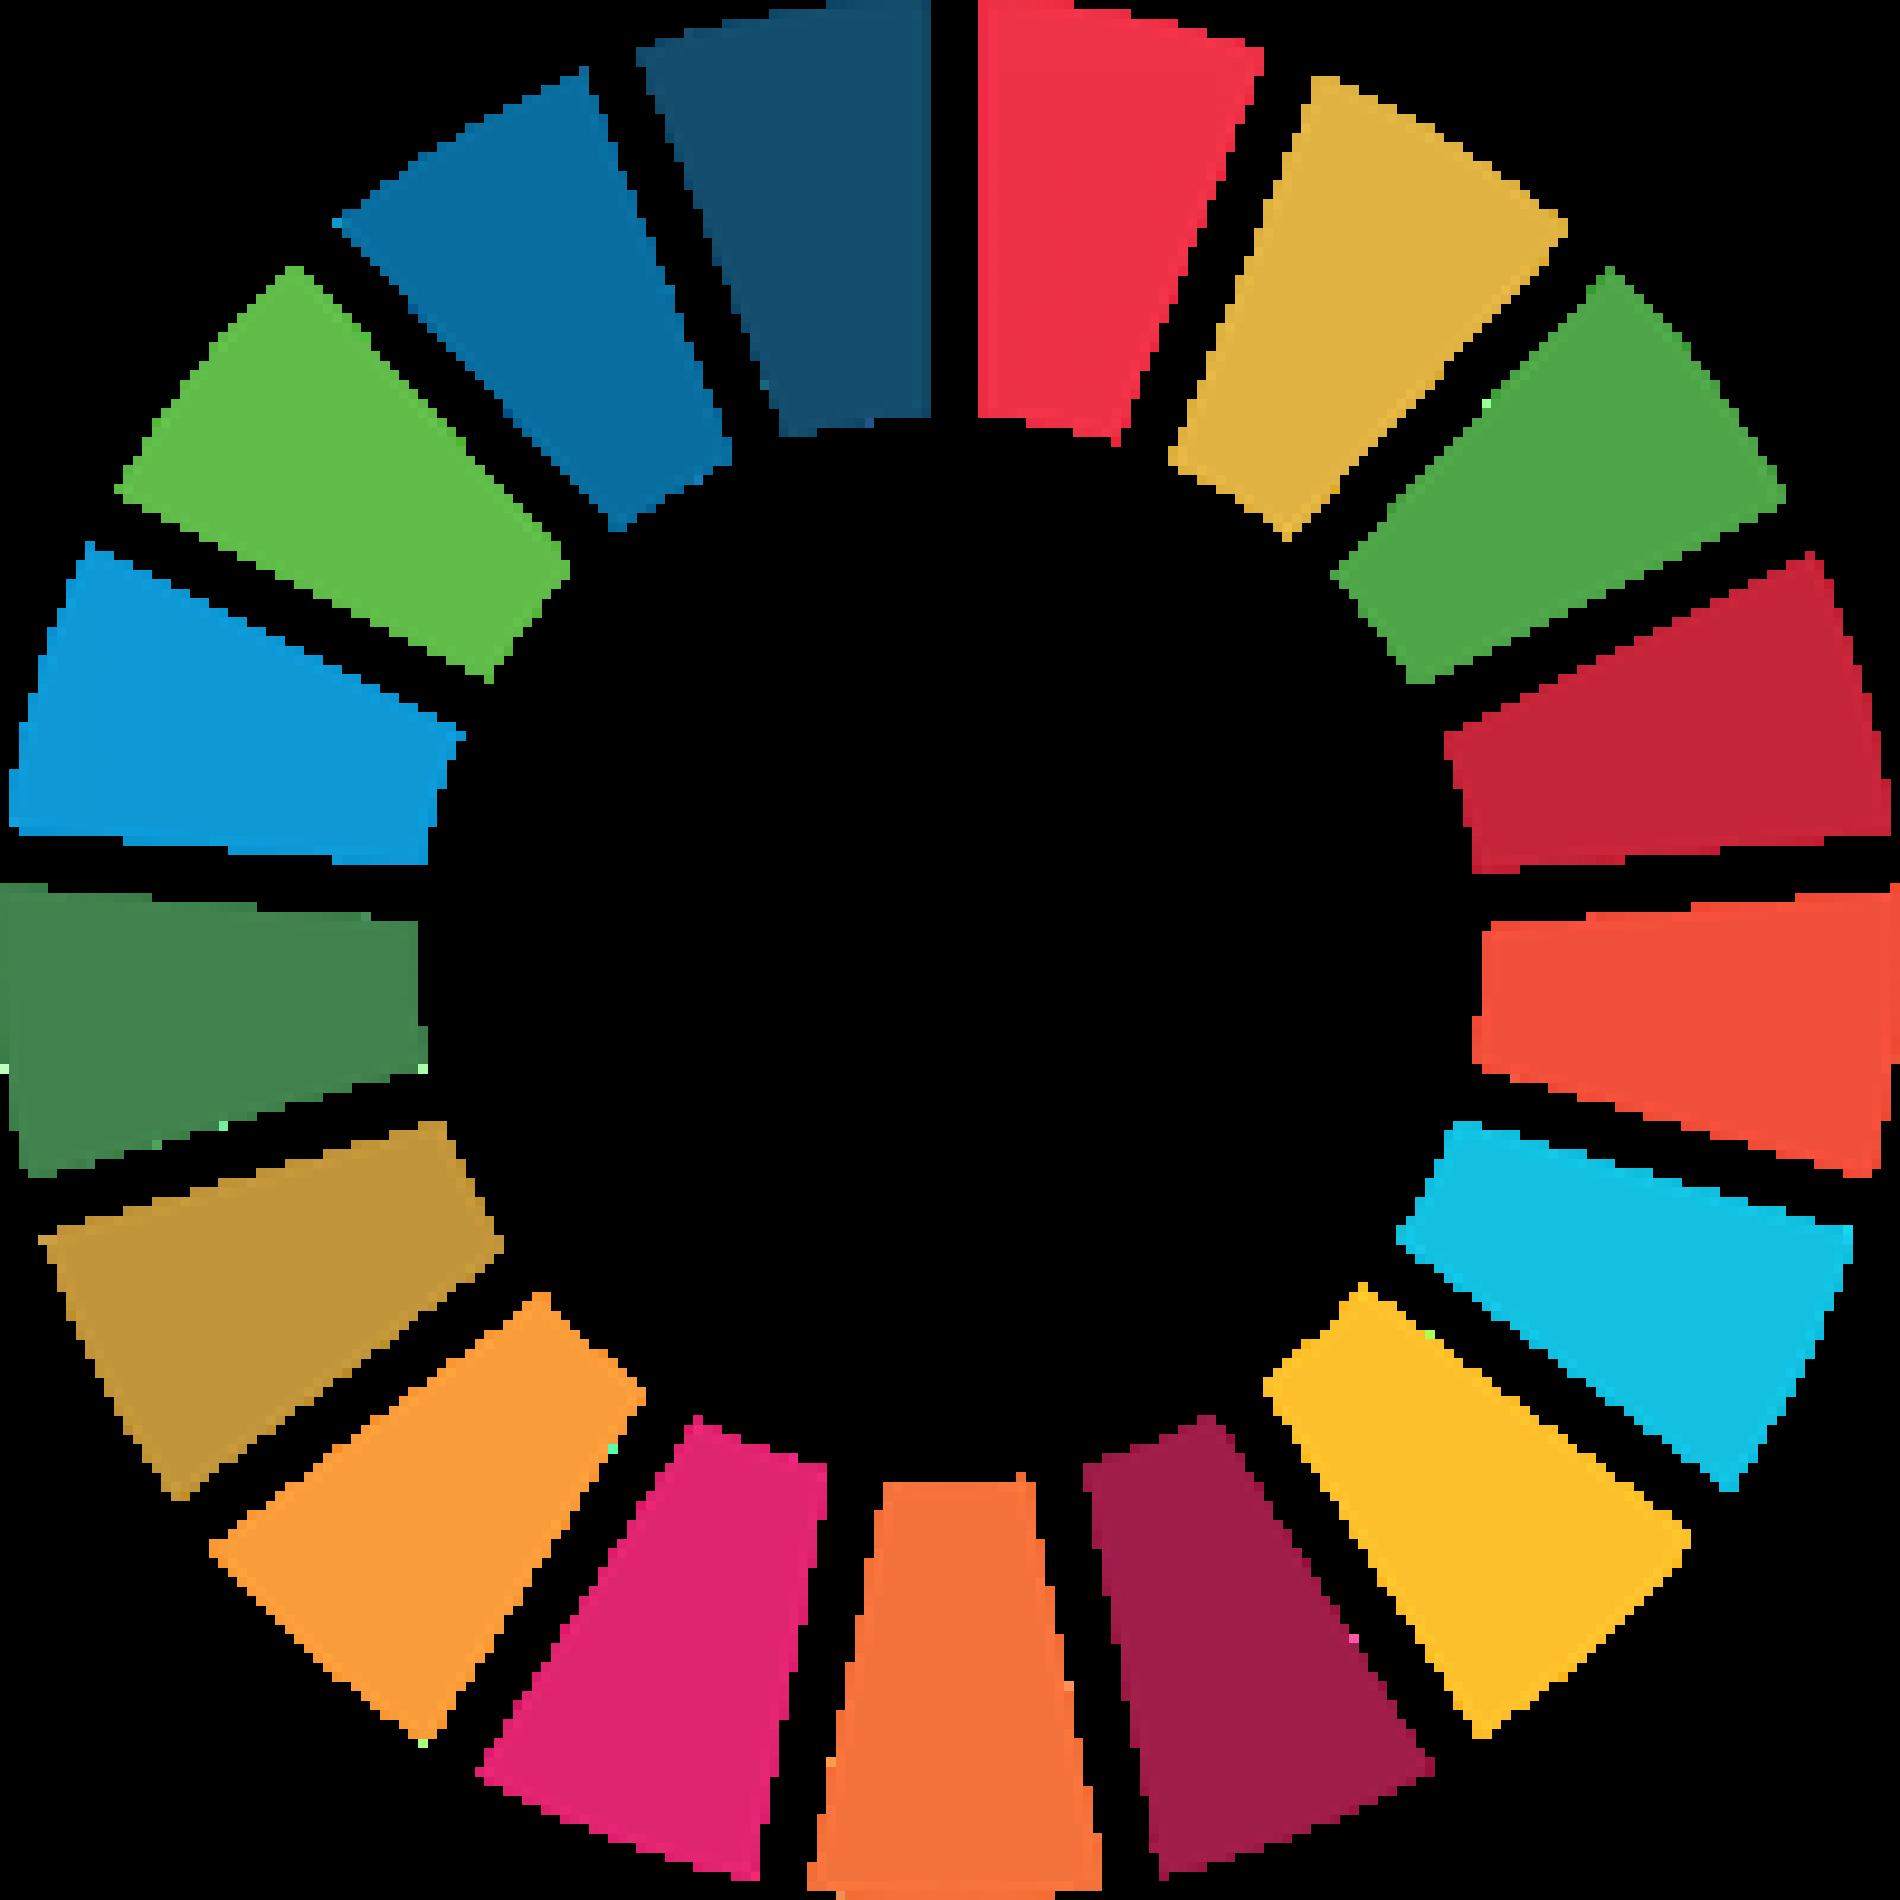 Respon.cat en la presentación de los indicadores de los Objetivos para el Desarrollo Sostenible (ODS) en Catalunya